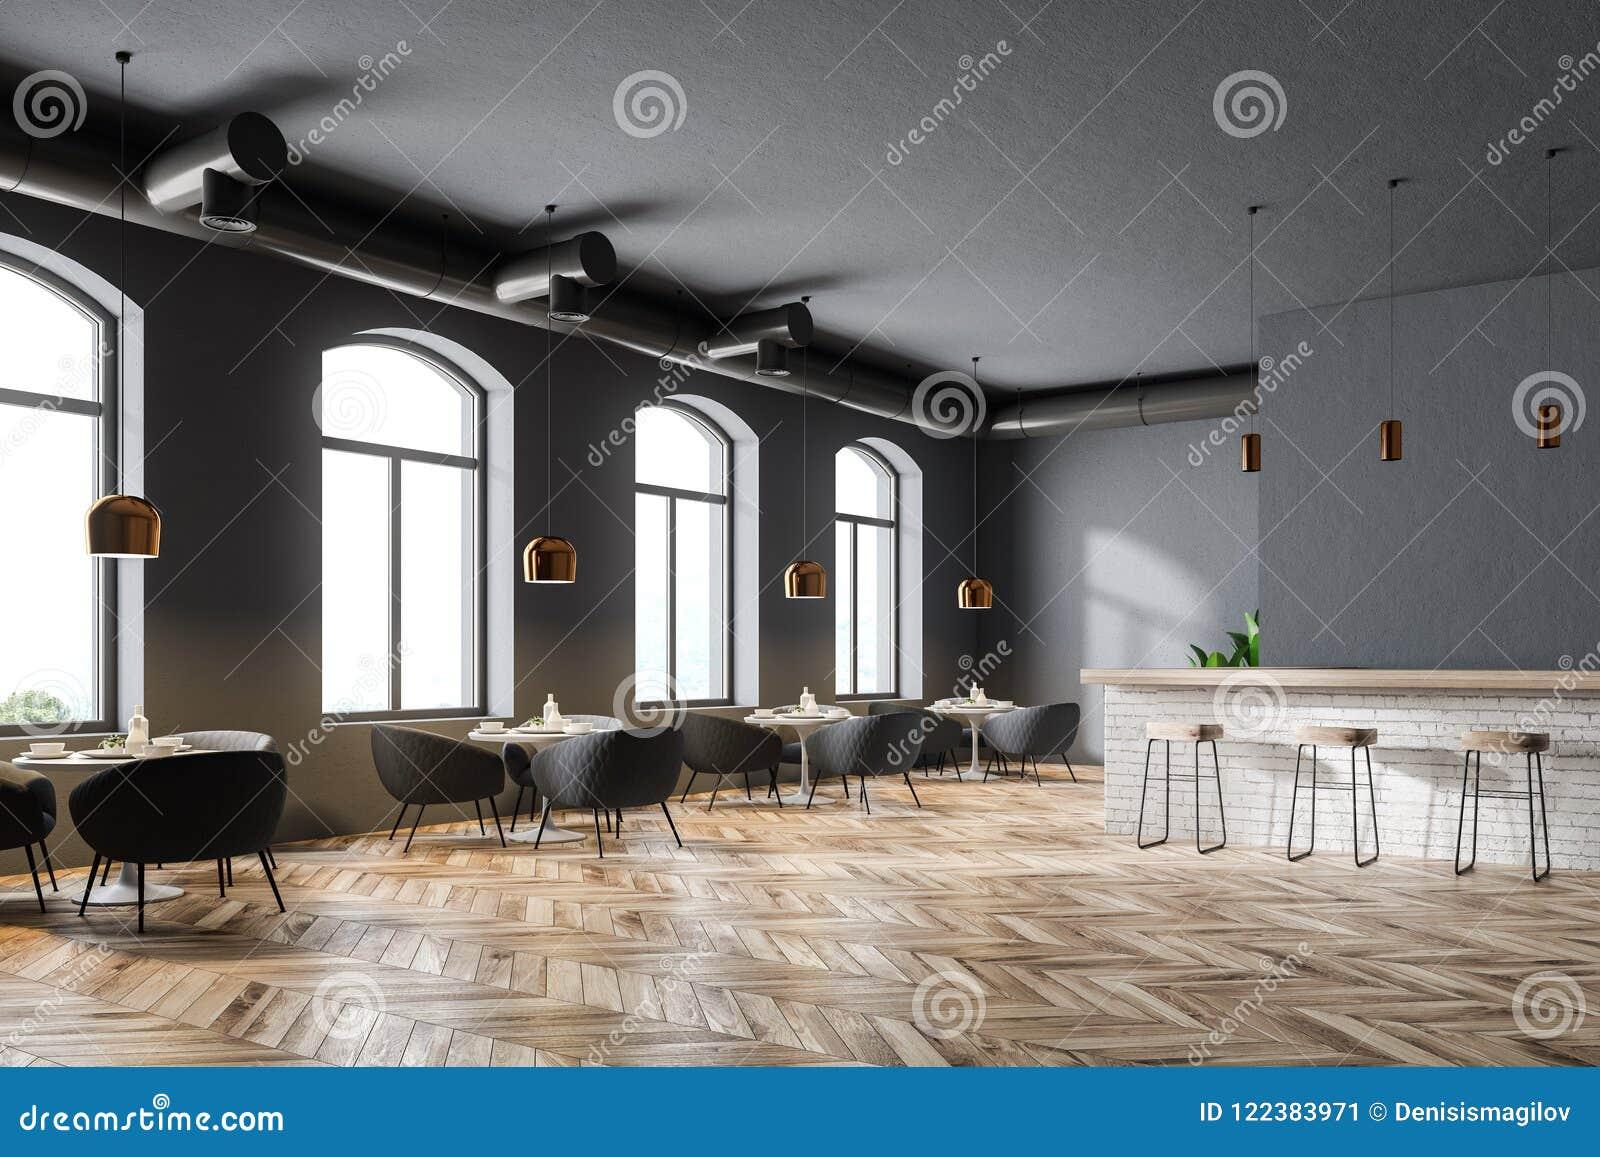 08ed2de1dc04 Esquina de un restaurante moderno con las paredes grises, las ventanas  grandes, un piso de madera y las mesas redondas con las butacas mofa de la  ...